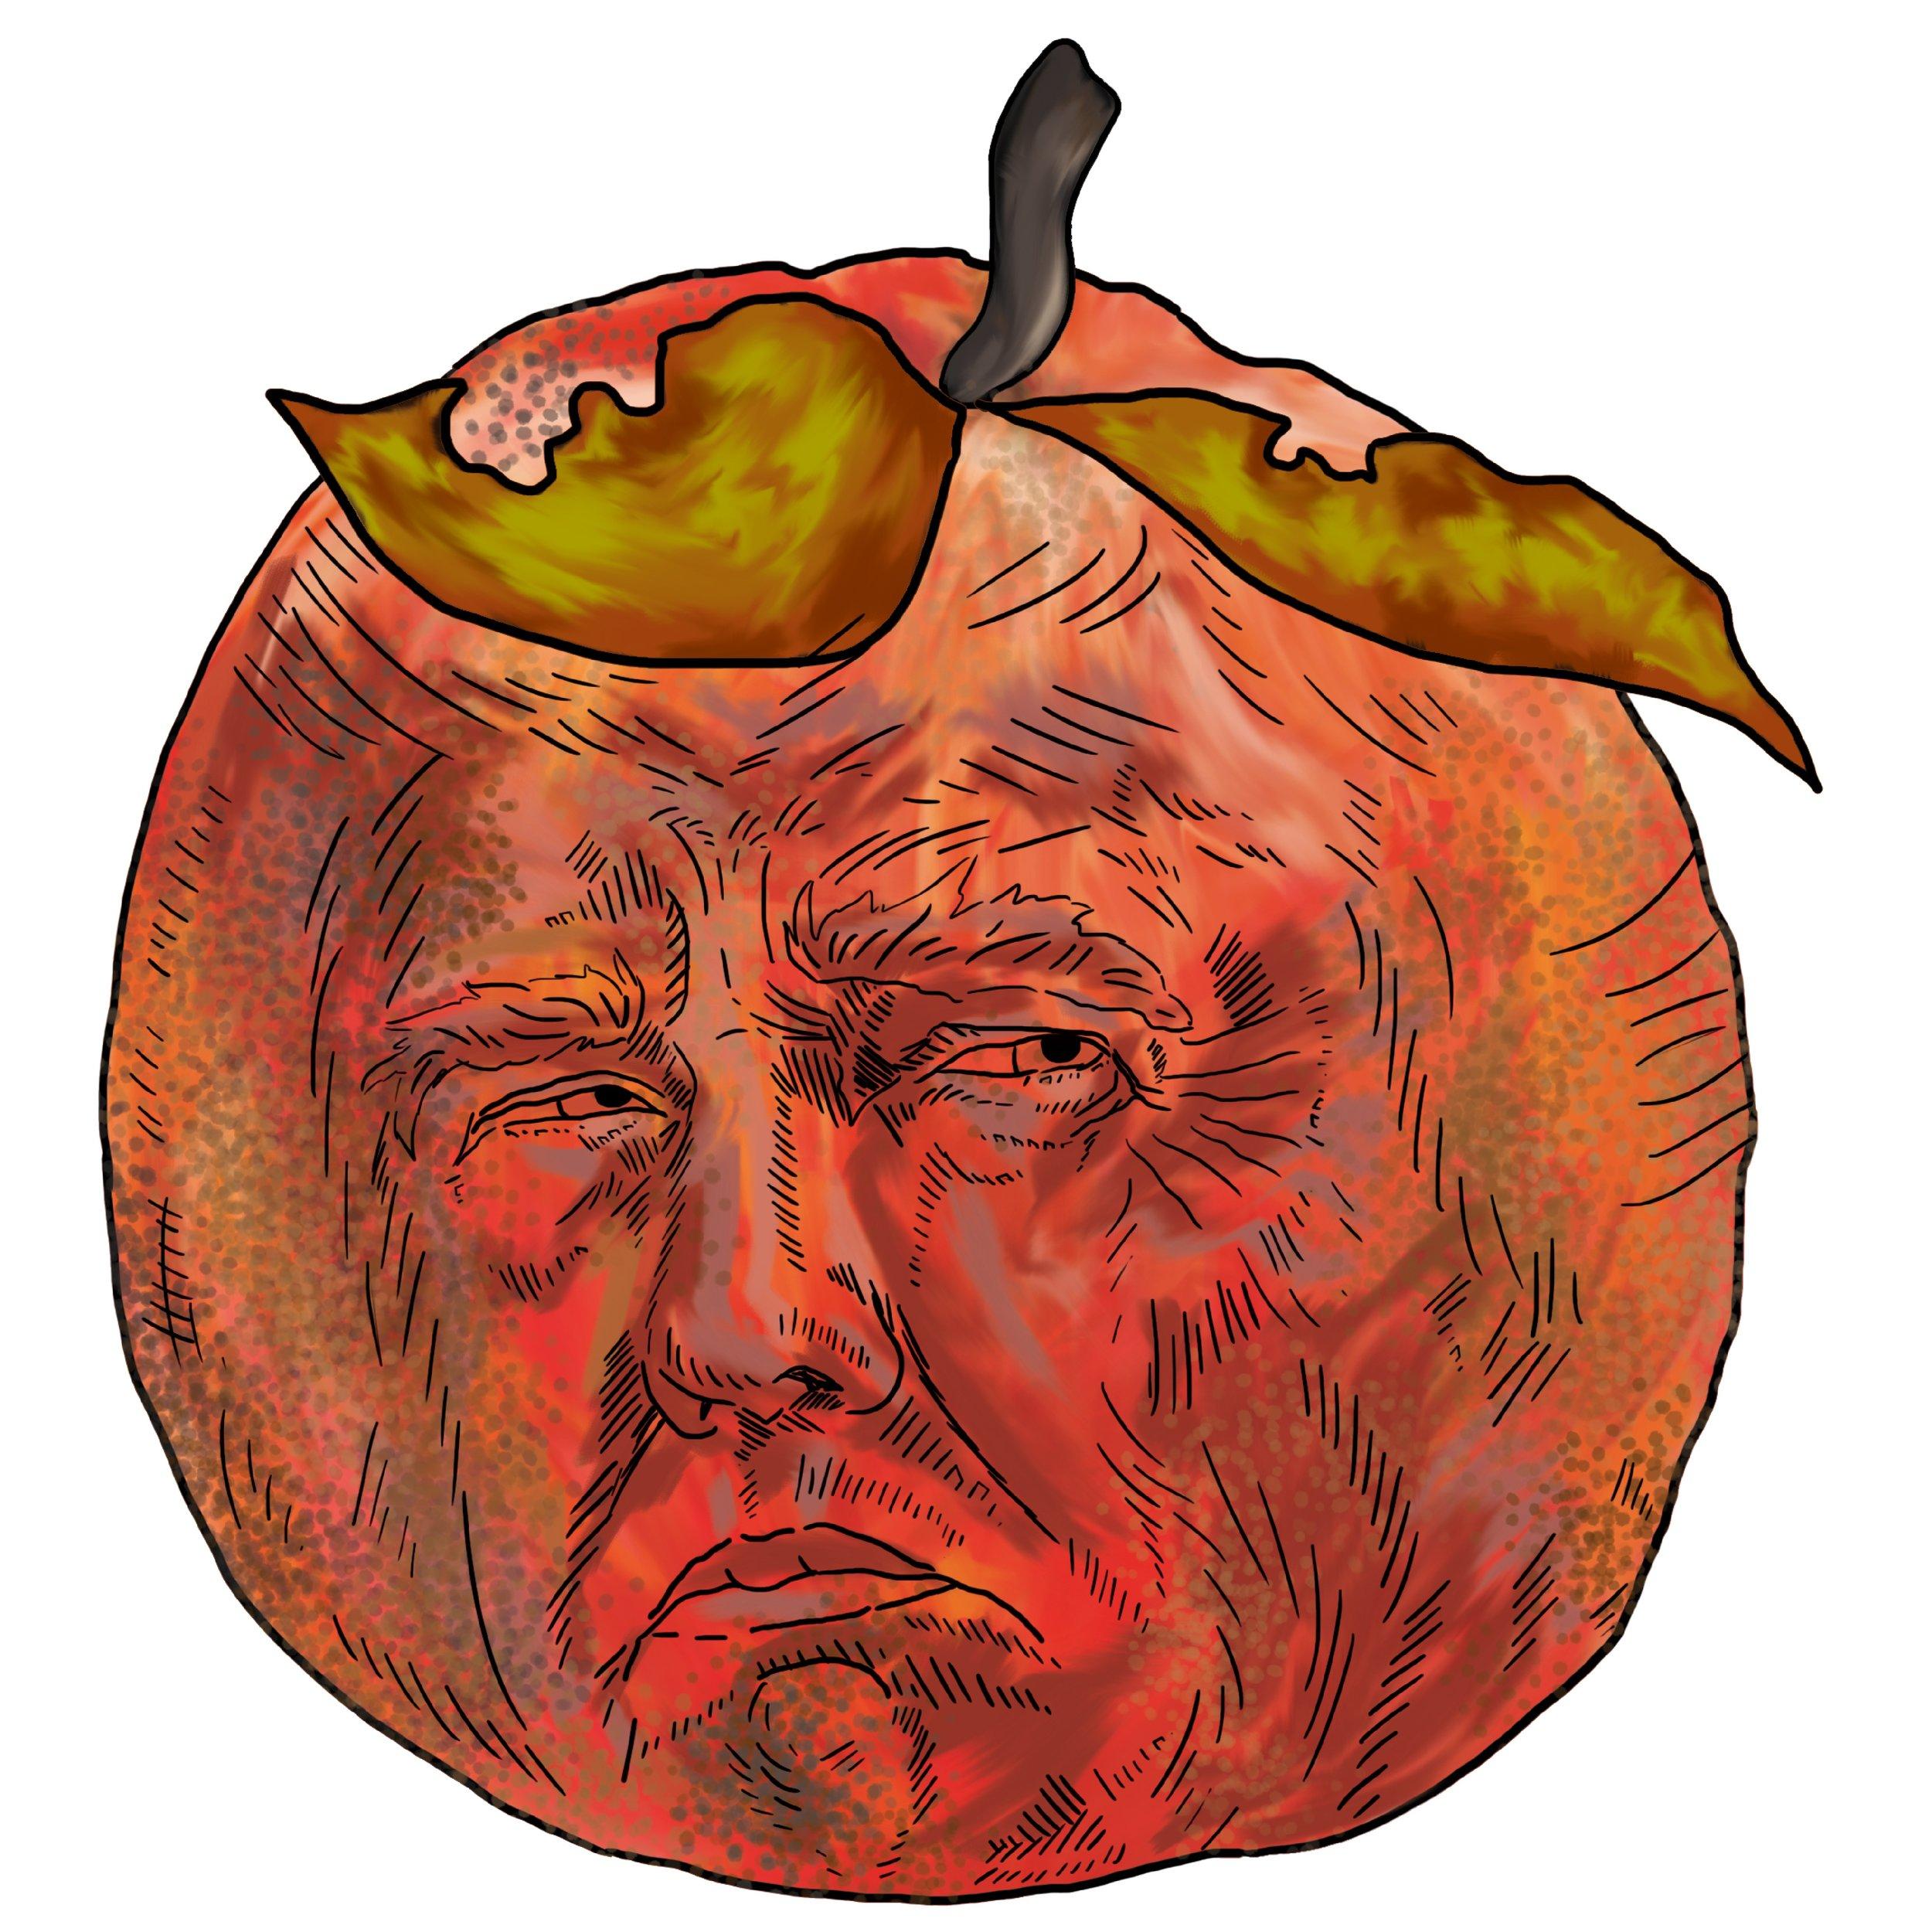 Peach Trump.jpg